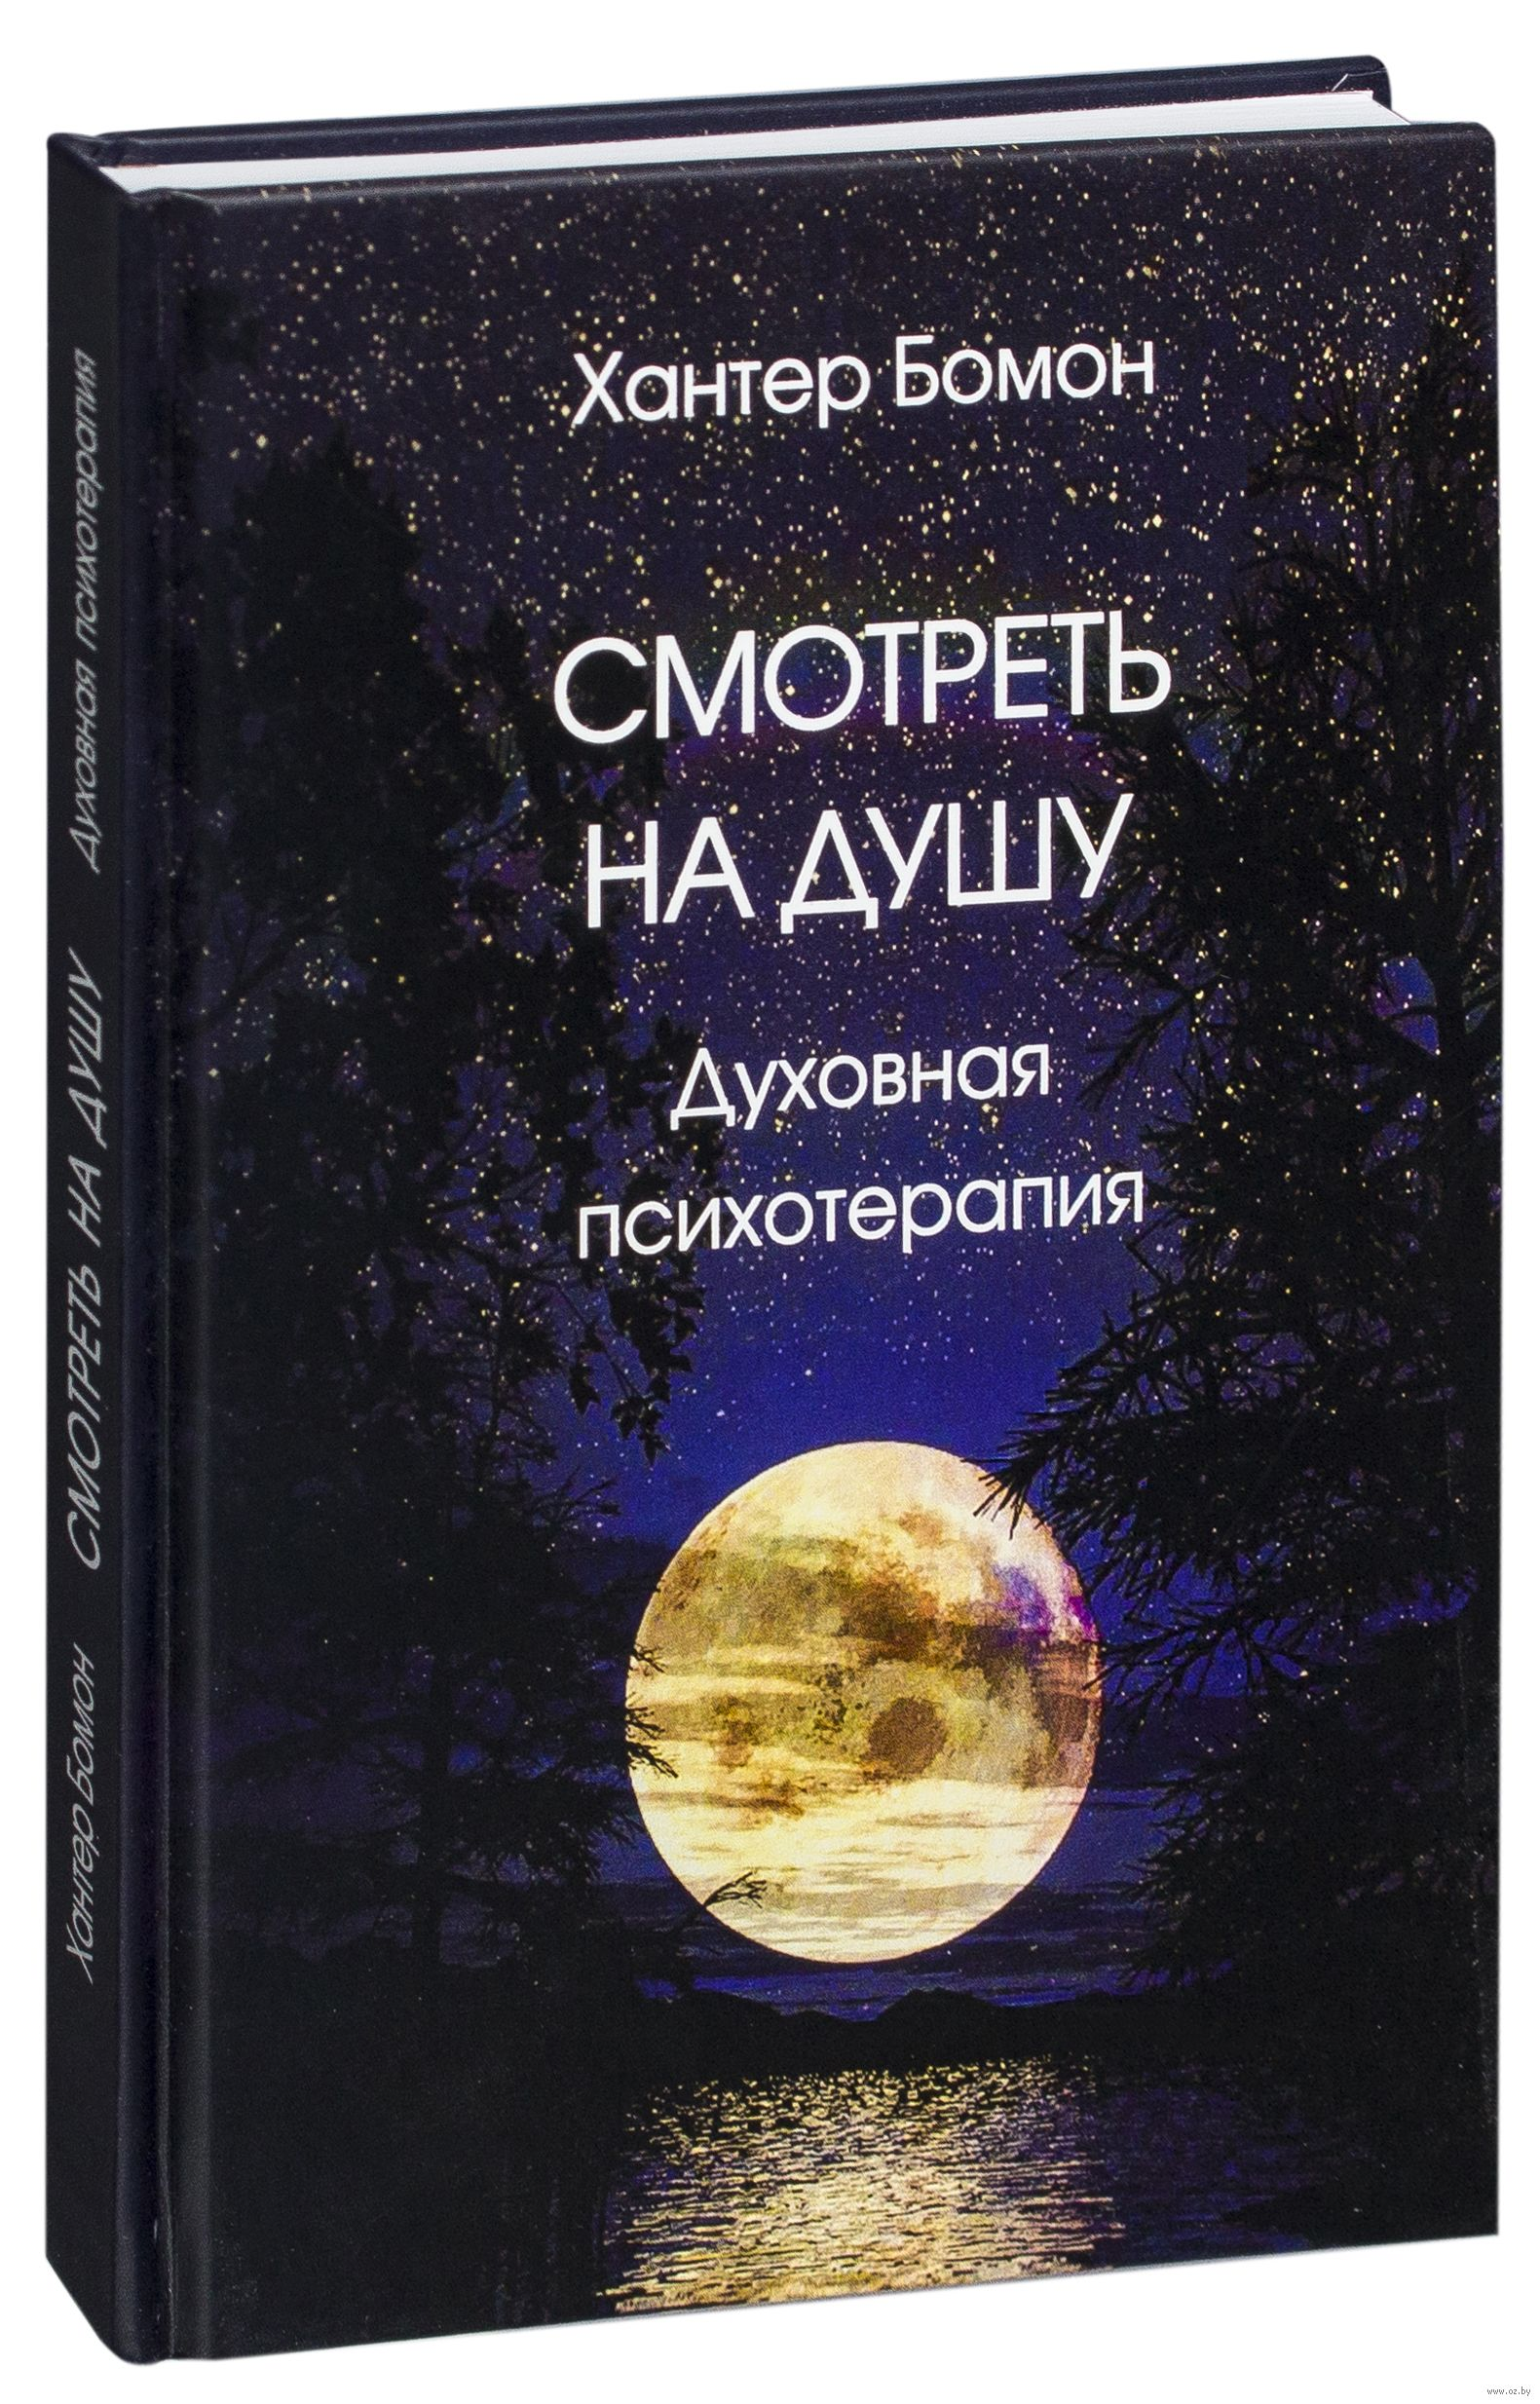 ХАНТЕР БОМОН КНИГИ СКАЧАТЬ БЕСПЛАТНО